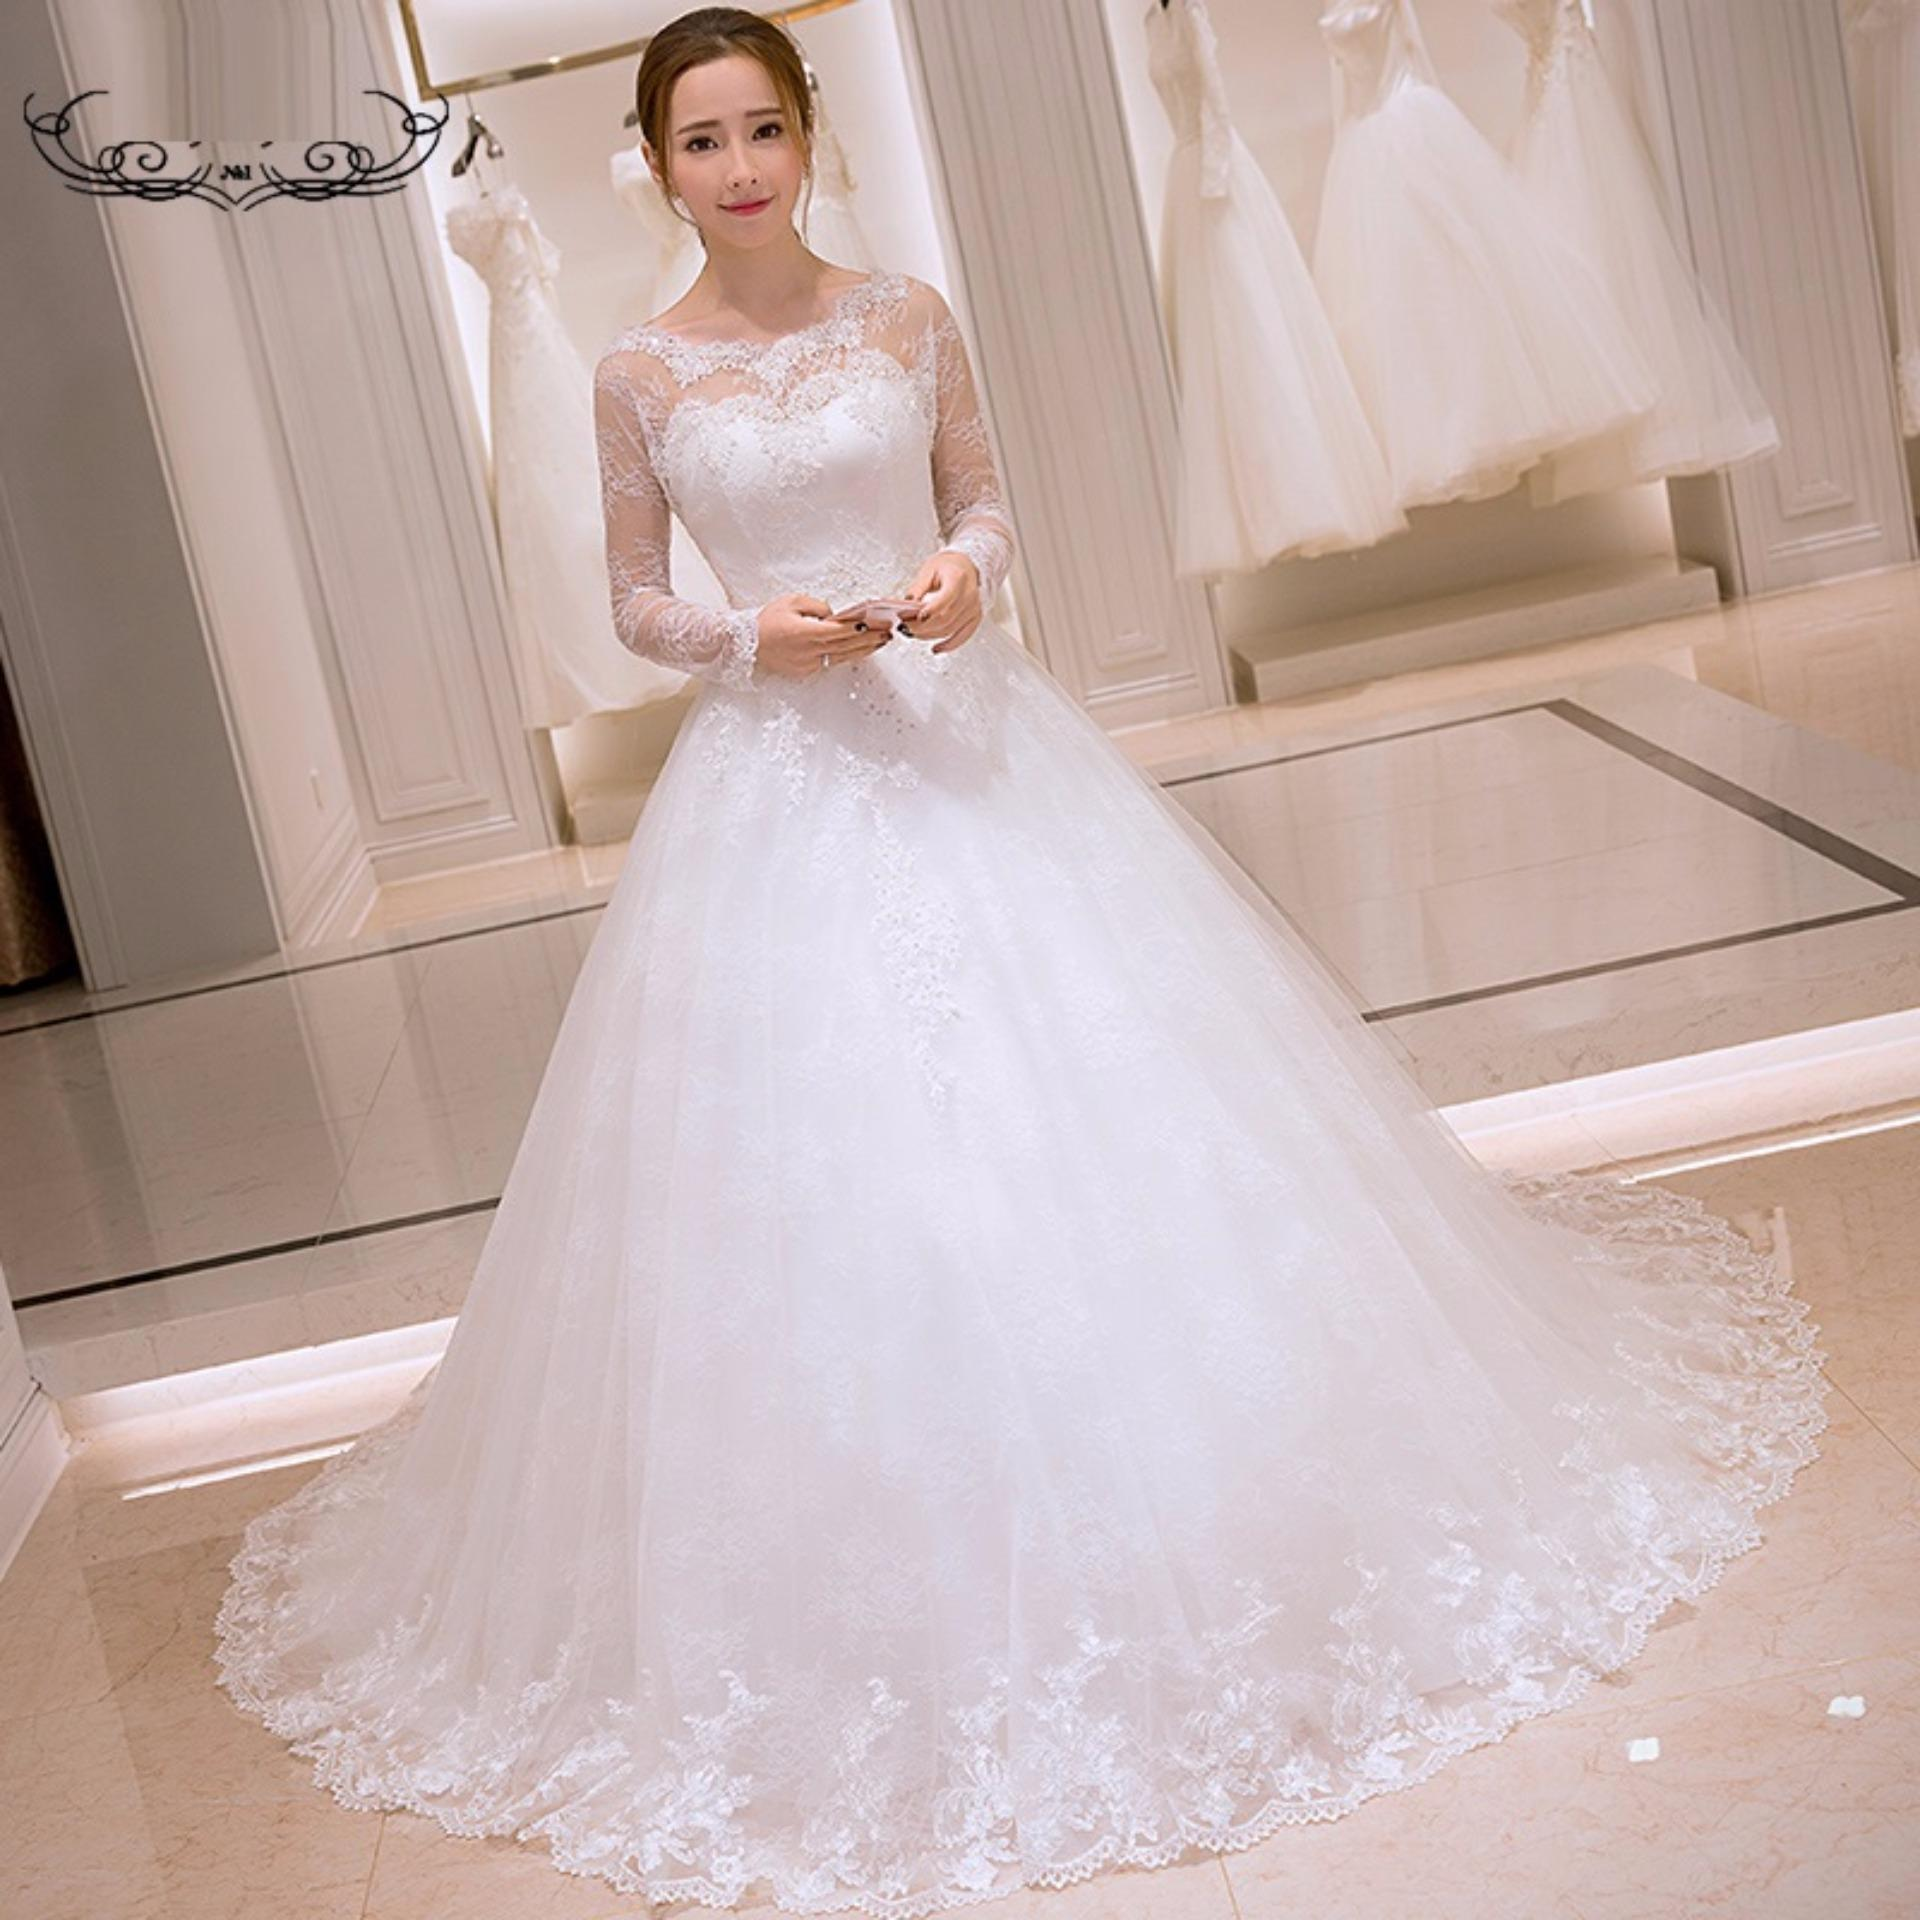 Kết quả hình ảnh cho váy cưới dài tay